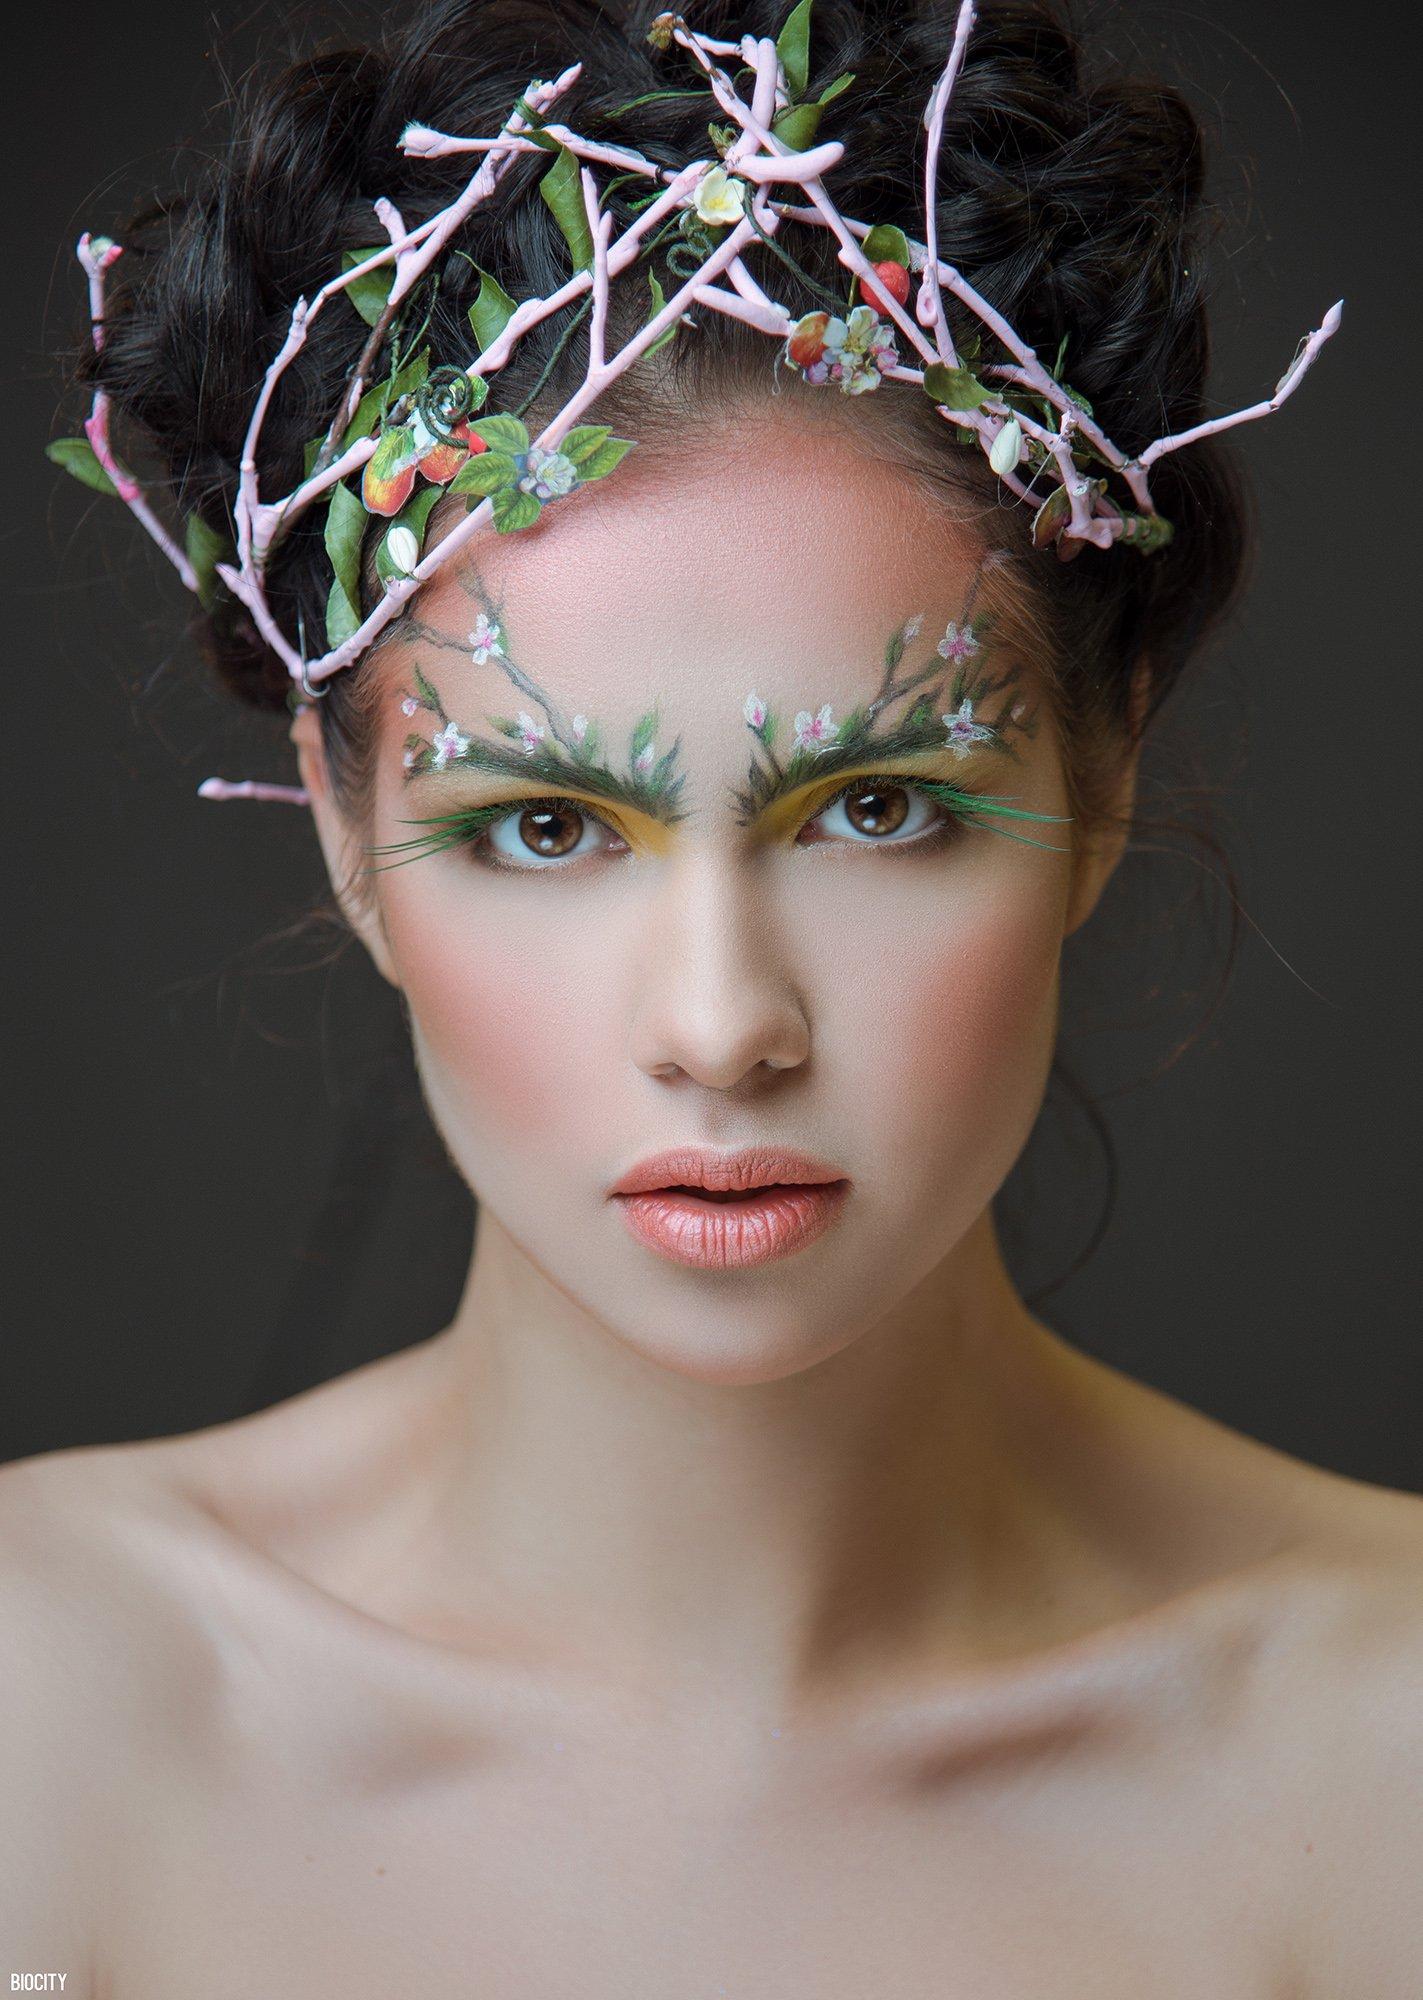 biocity, model, модель, портрет,, Biocity